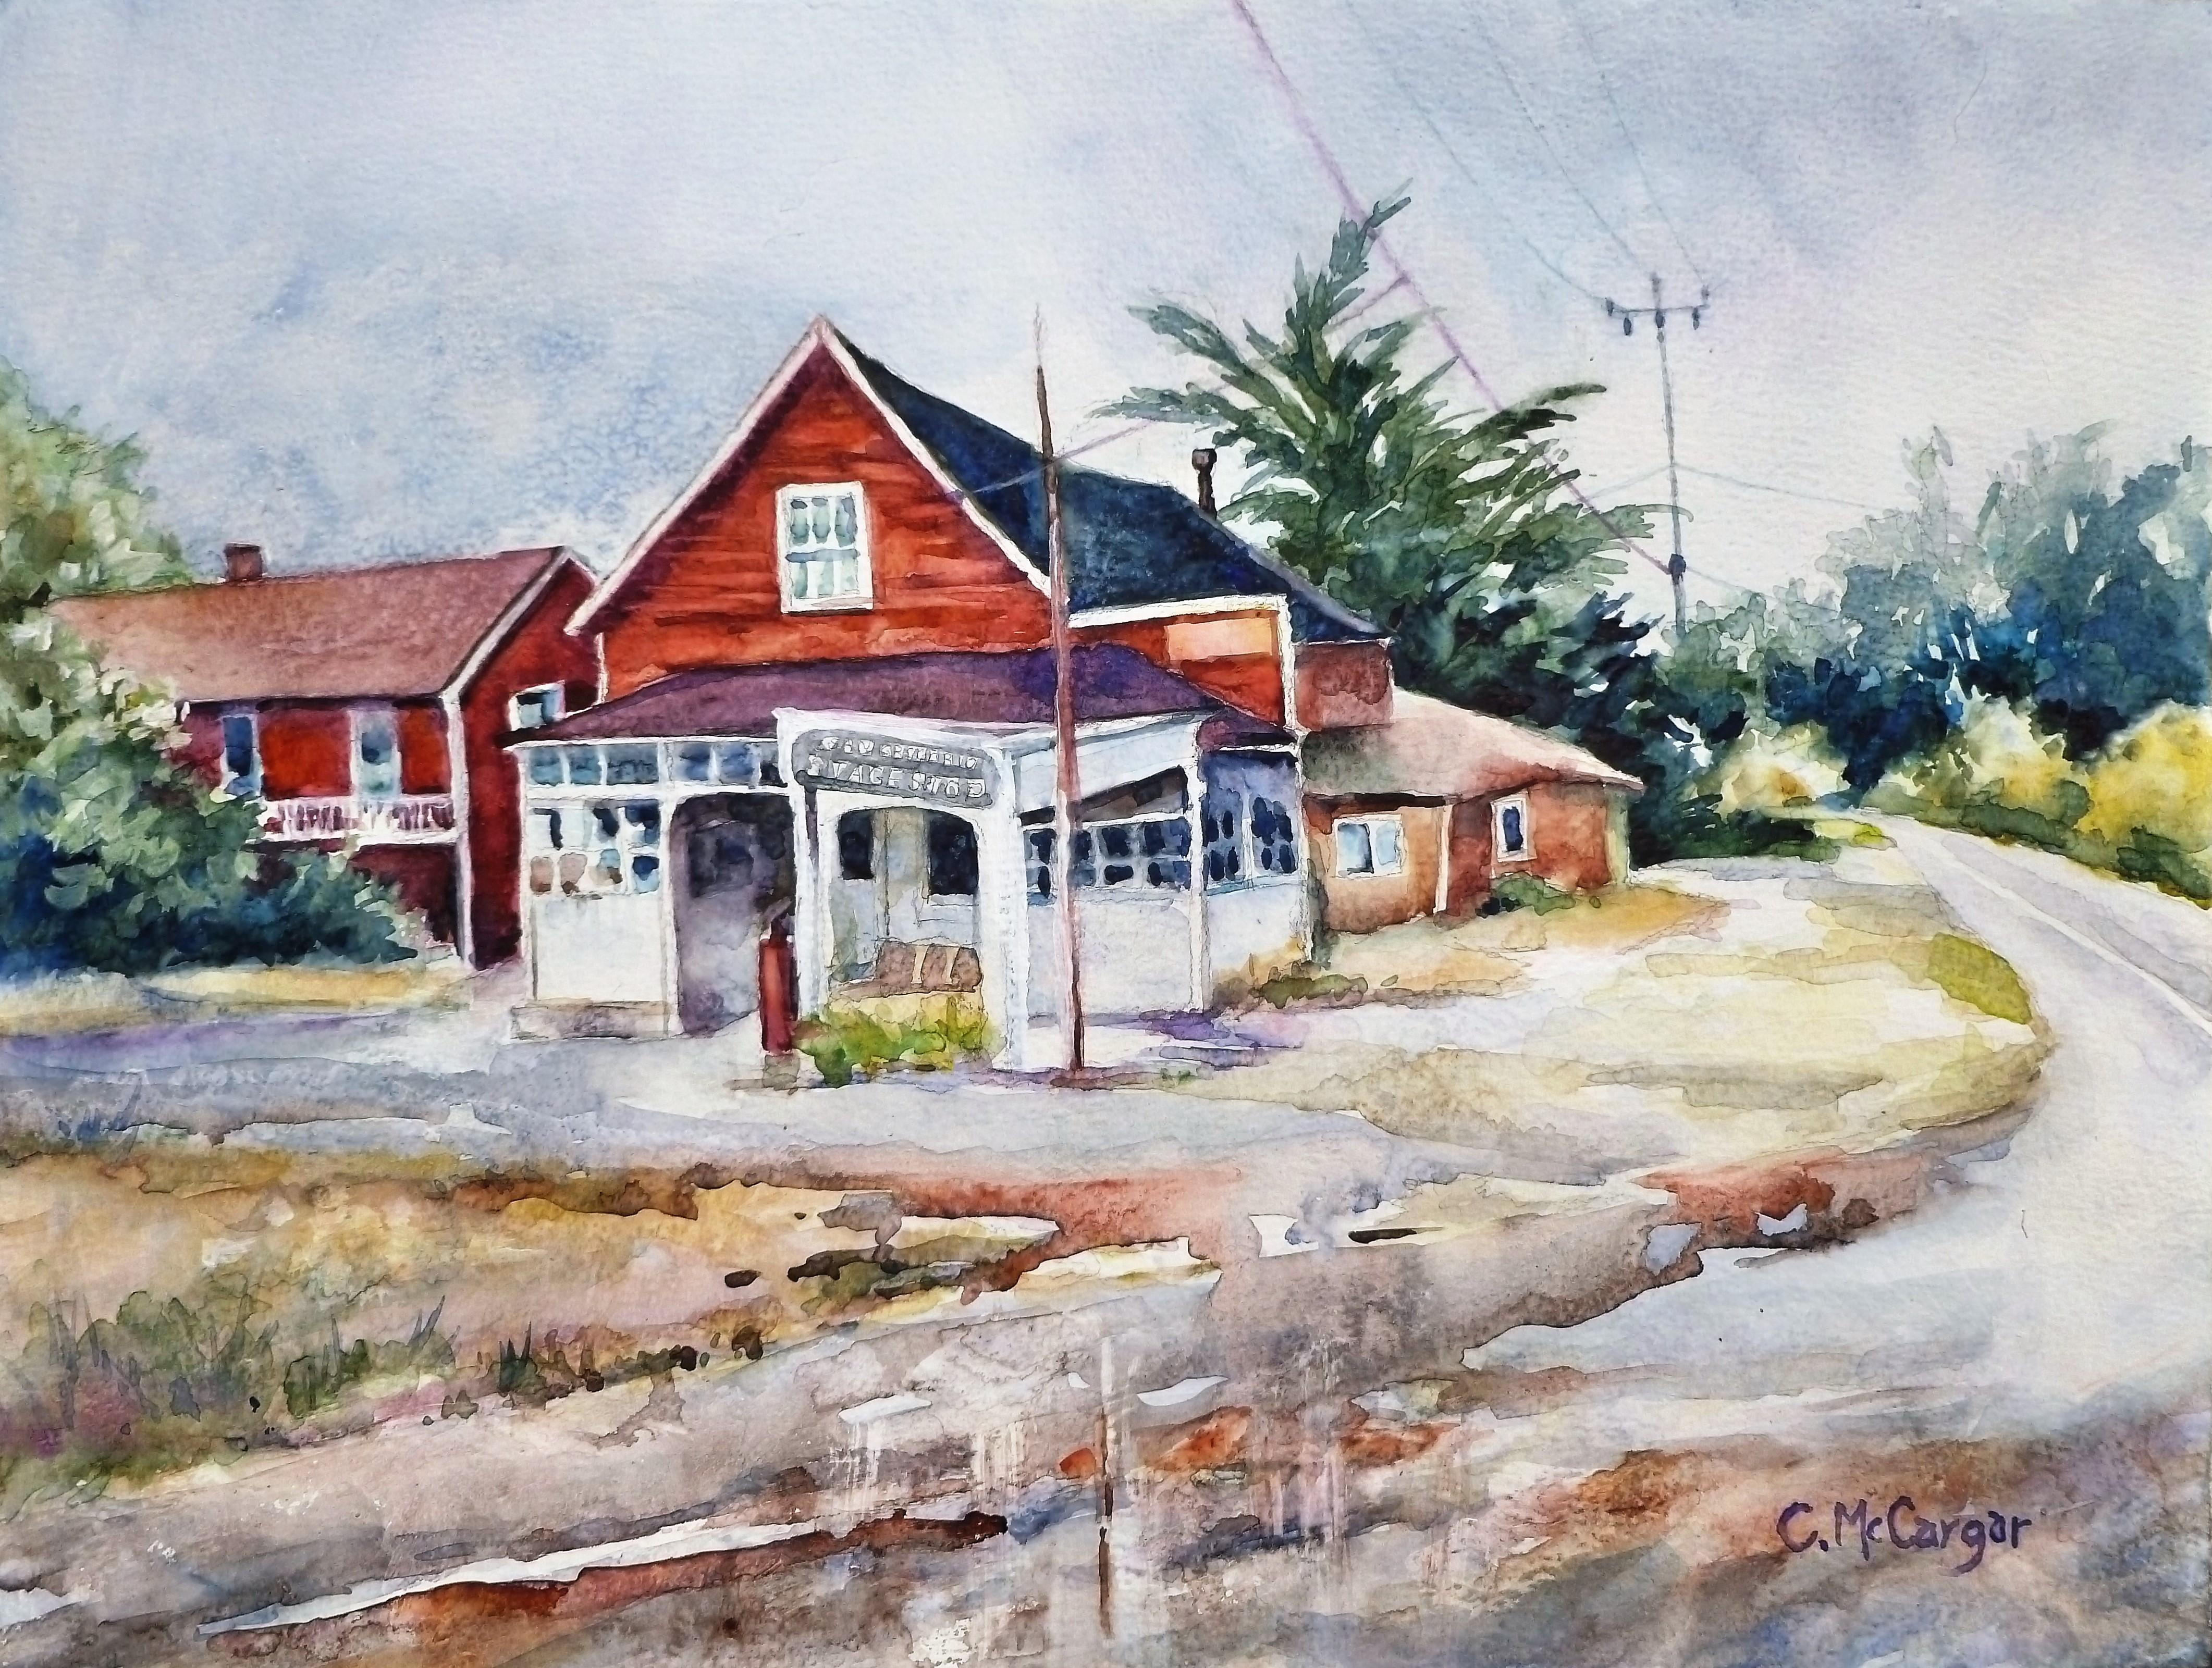 Coastal Stage Stop in San Gregorio, Original Painting